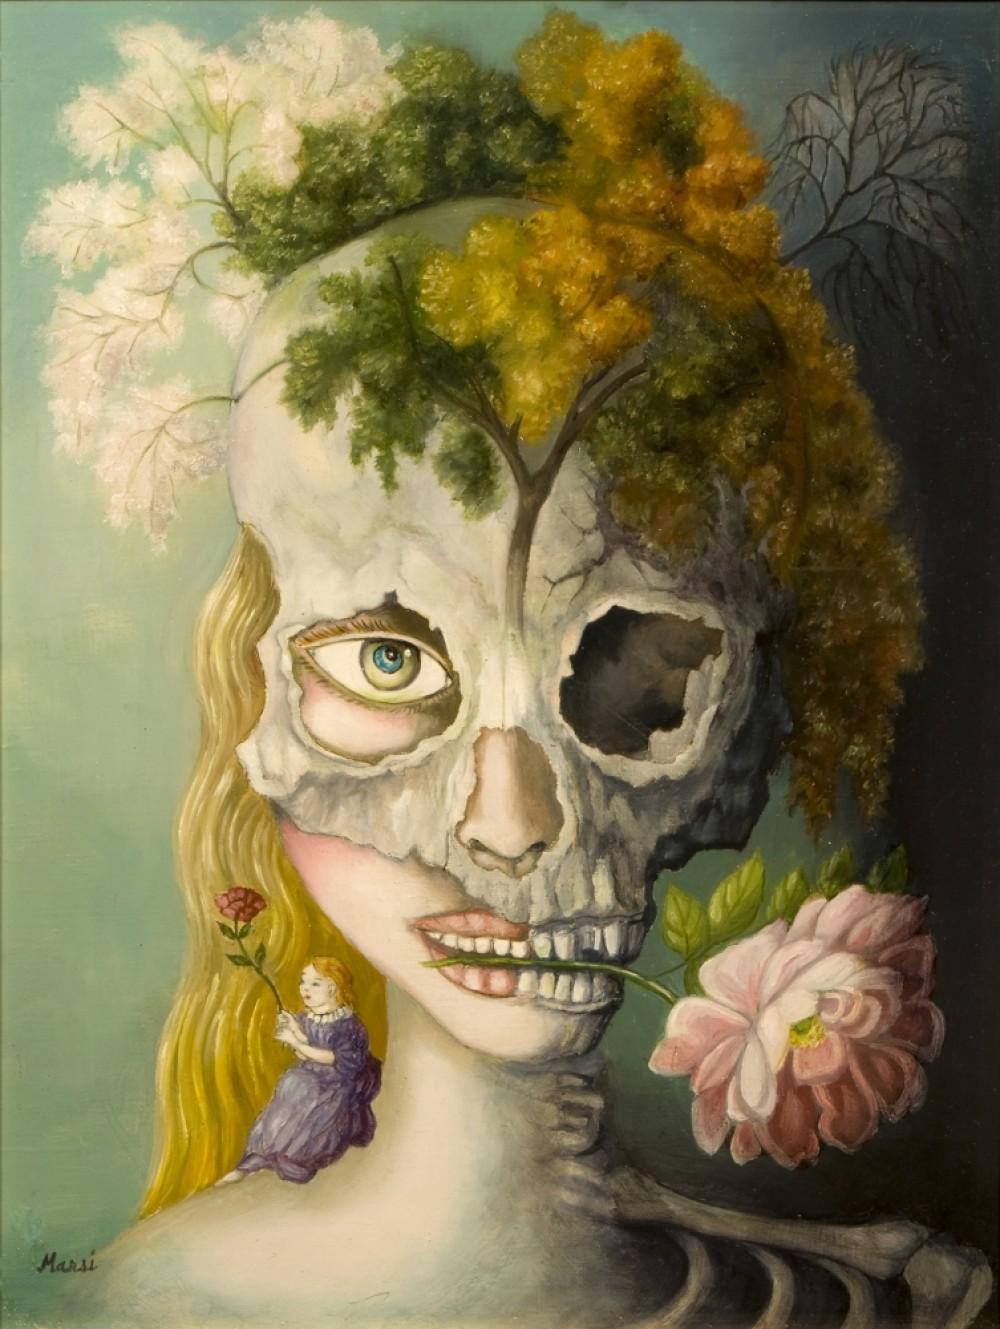 """งานศิลป์ส่อง (จิต) วิญญาณ  """"ความงามและความน่าเกลียด: สุนทรียศิลป์แห่งมารศี"""""""